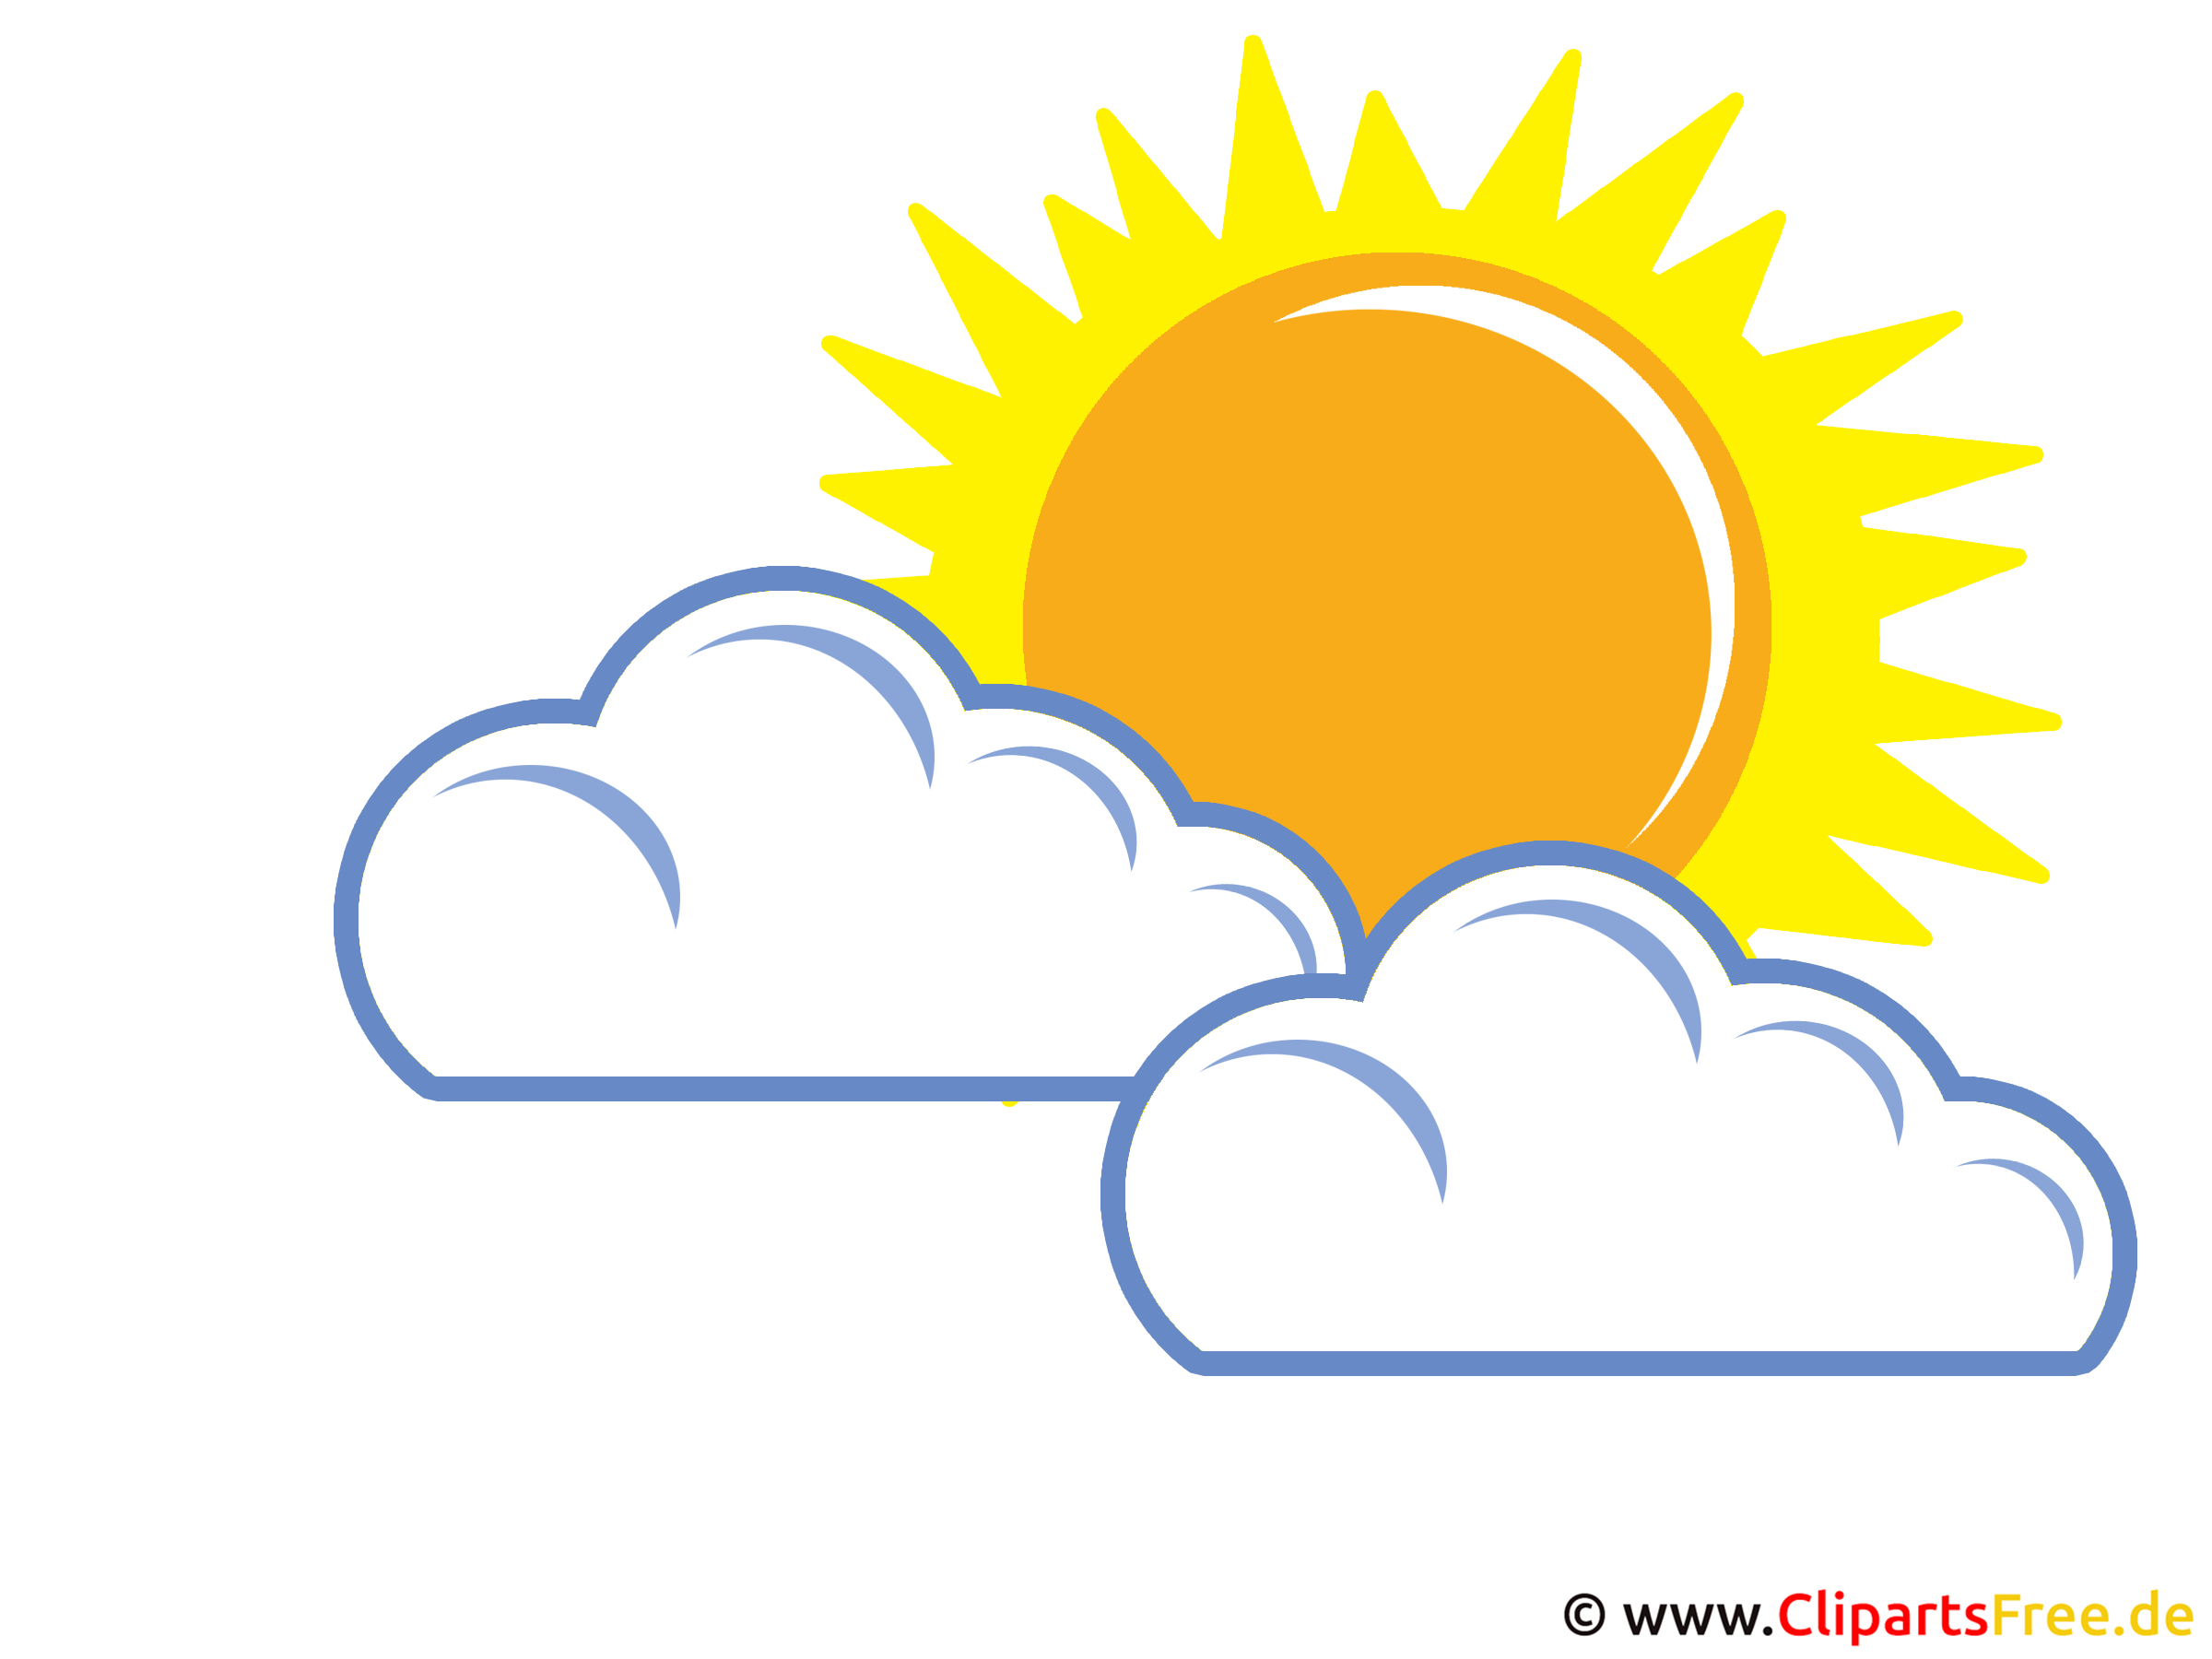 Wolken und Sonne - Wetter Bilder